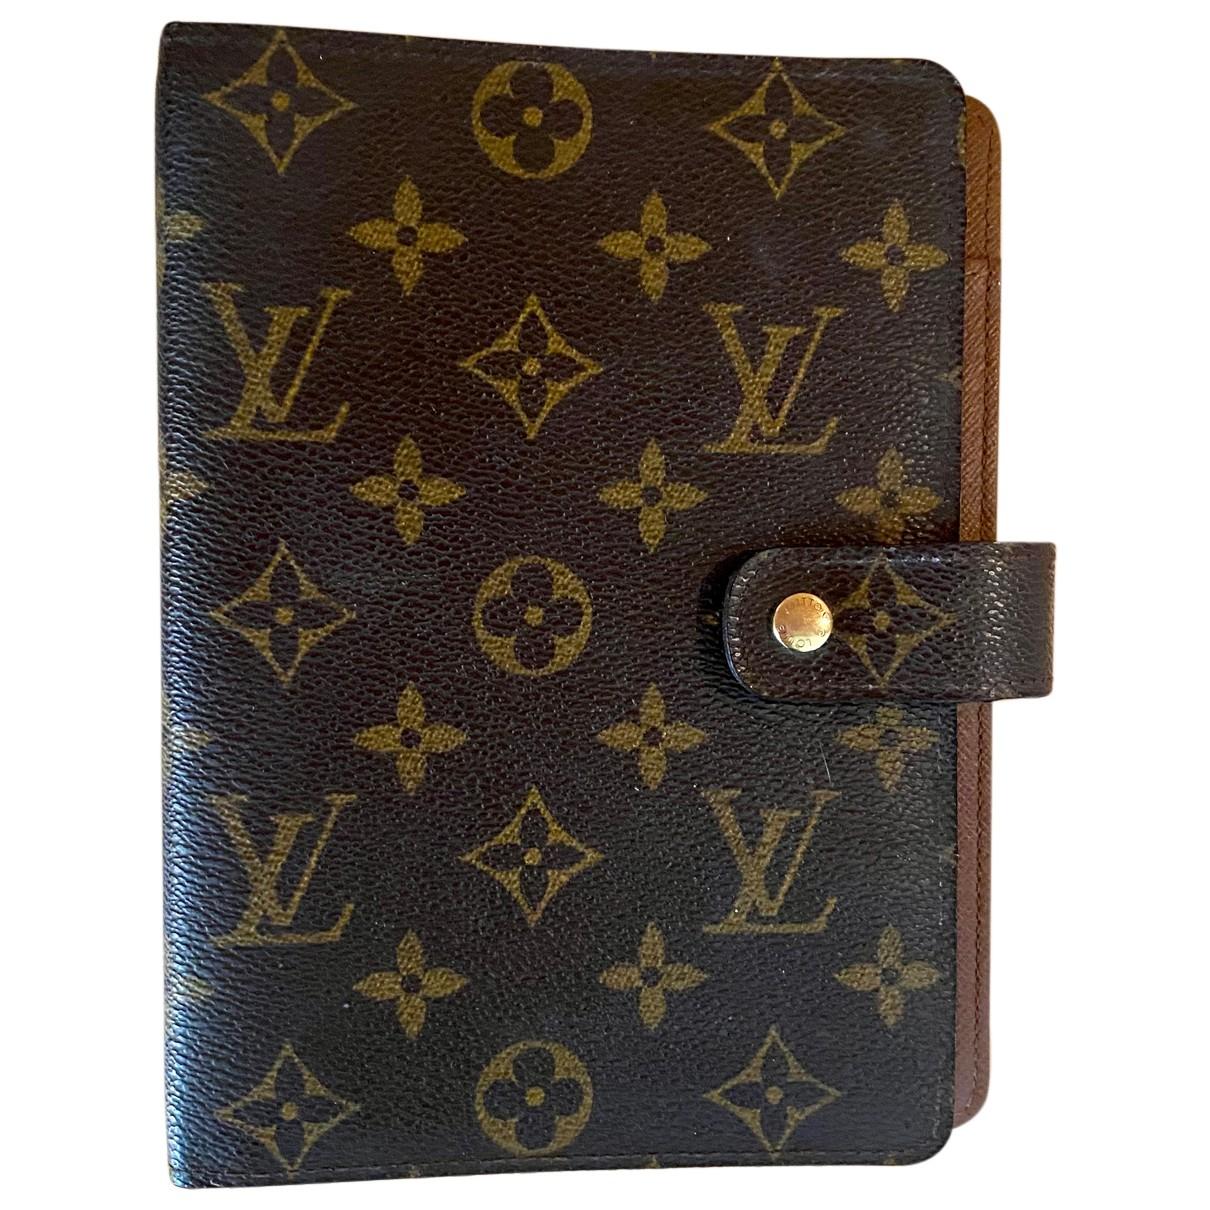 Marroquineria Louis Vuitton